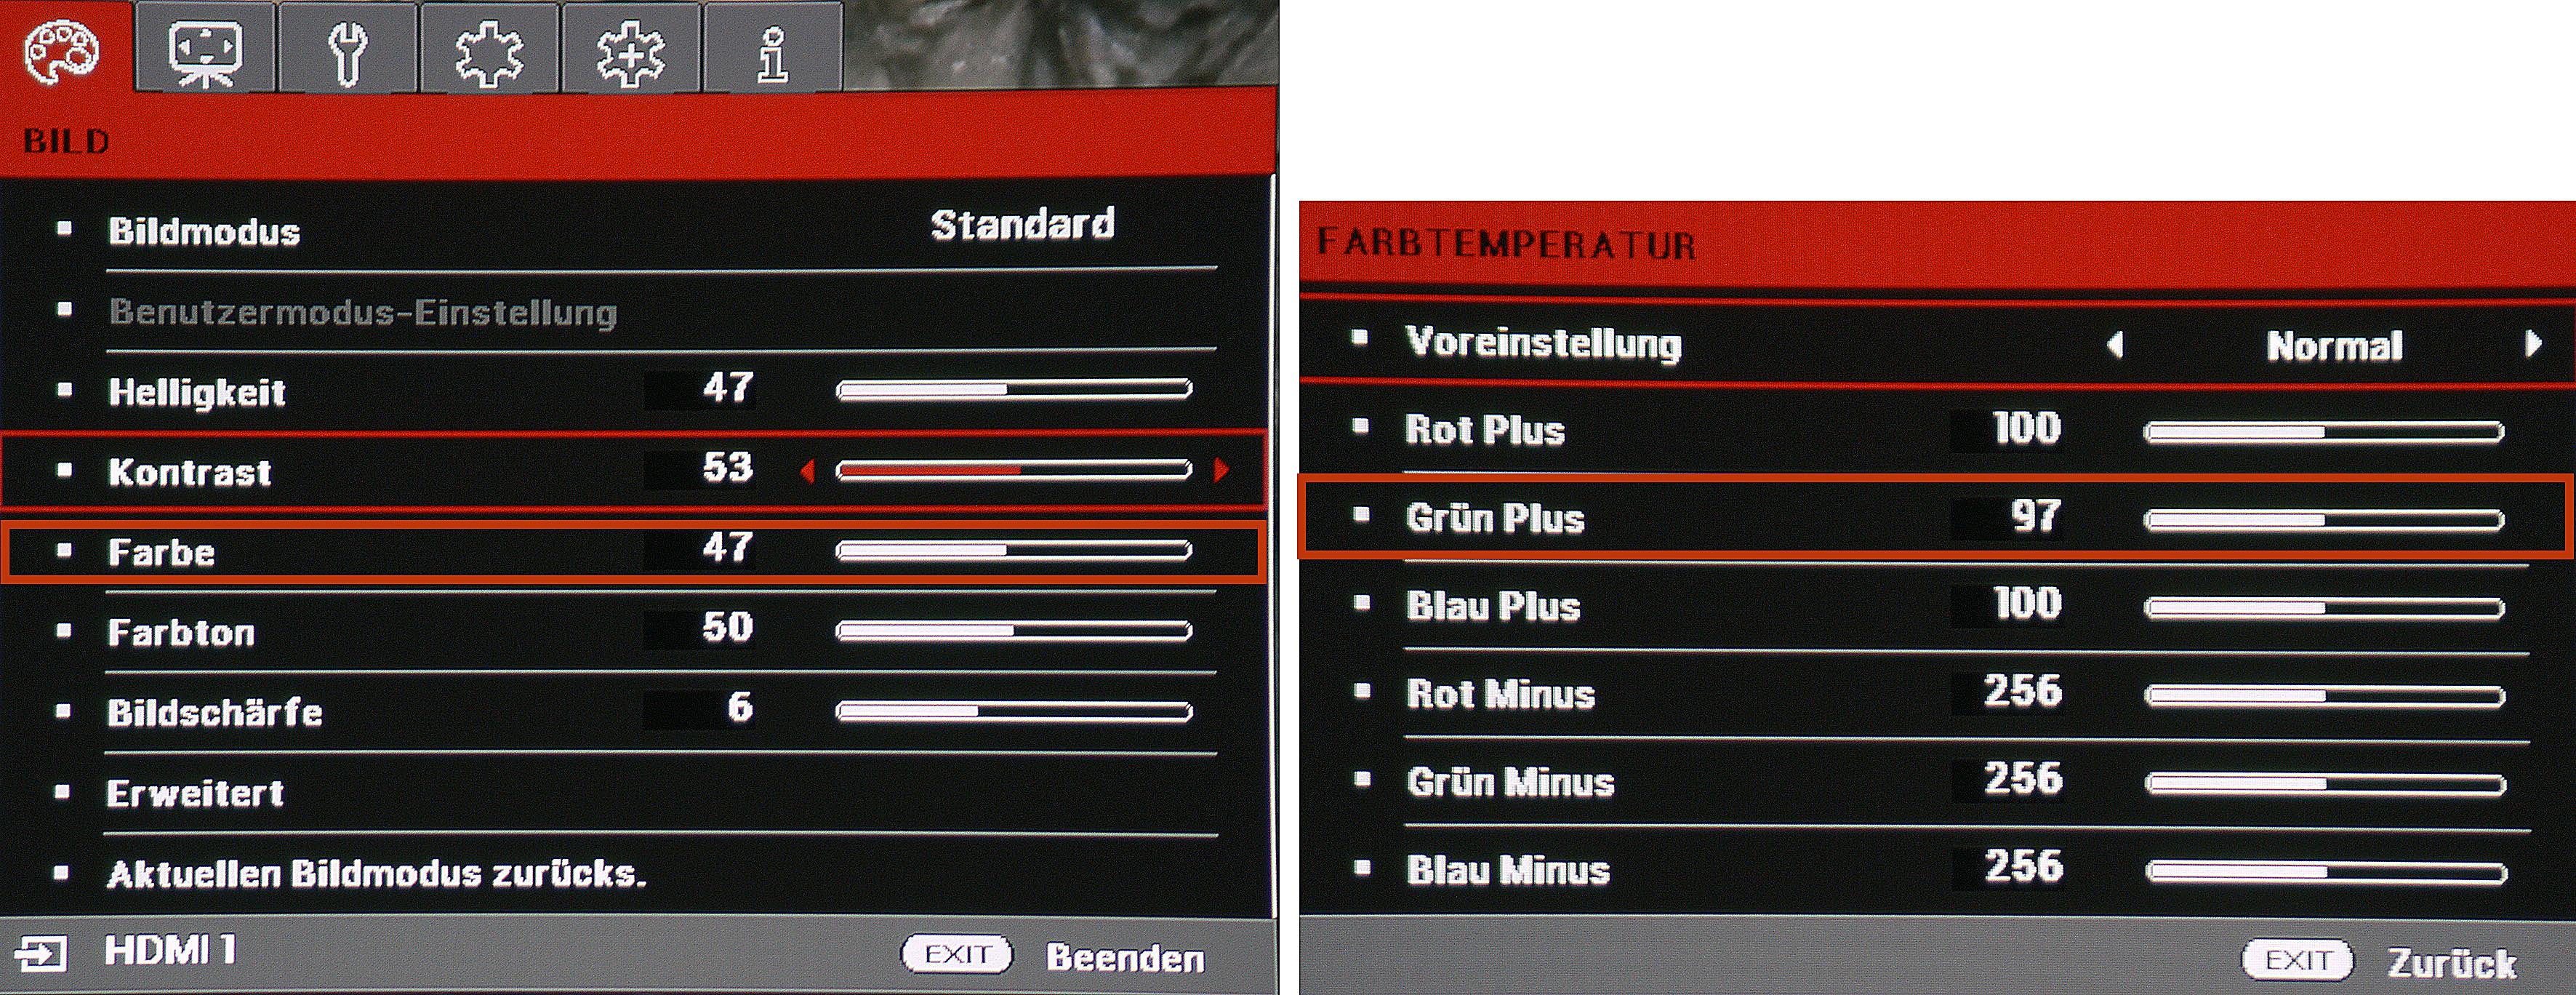 ViewSonic macht es den Nutzern recht einfach. Es brauchen lediglich die Rot umrandeten Parameter wie angegeben eingestellt werden, um natürliche Farben zu erhalten.